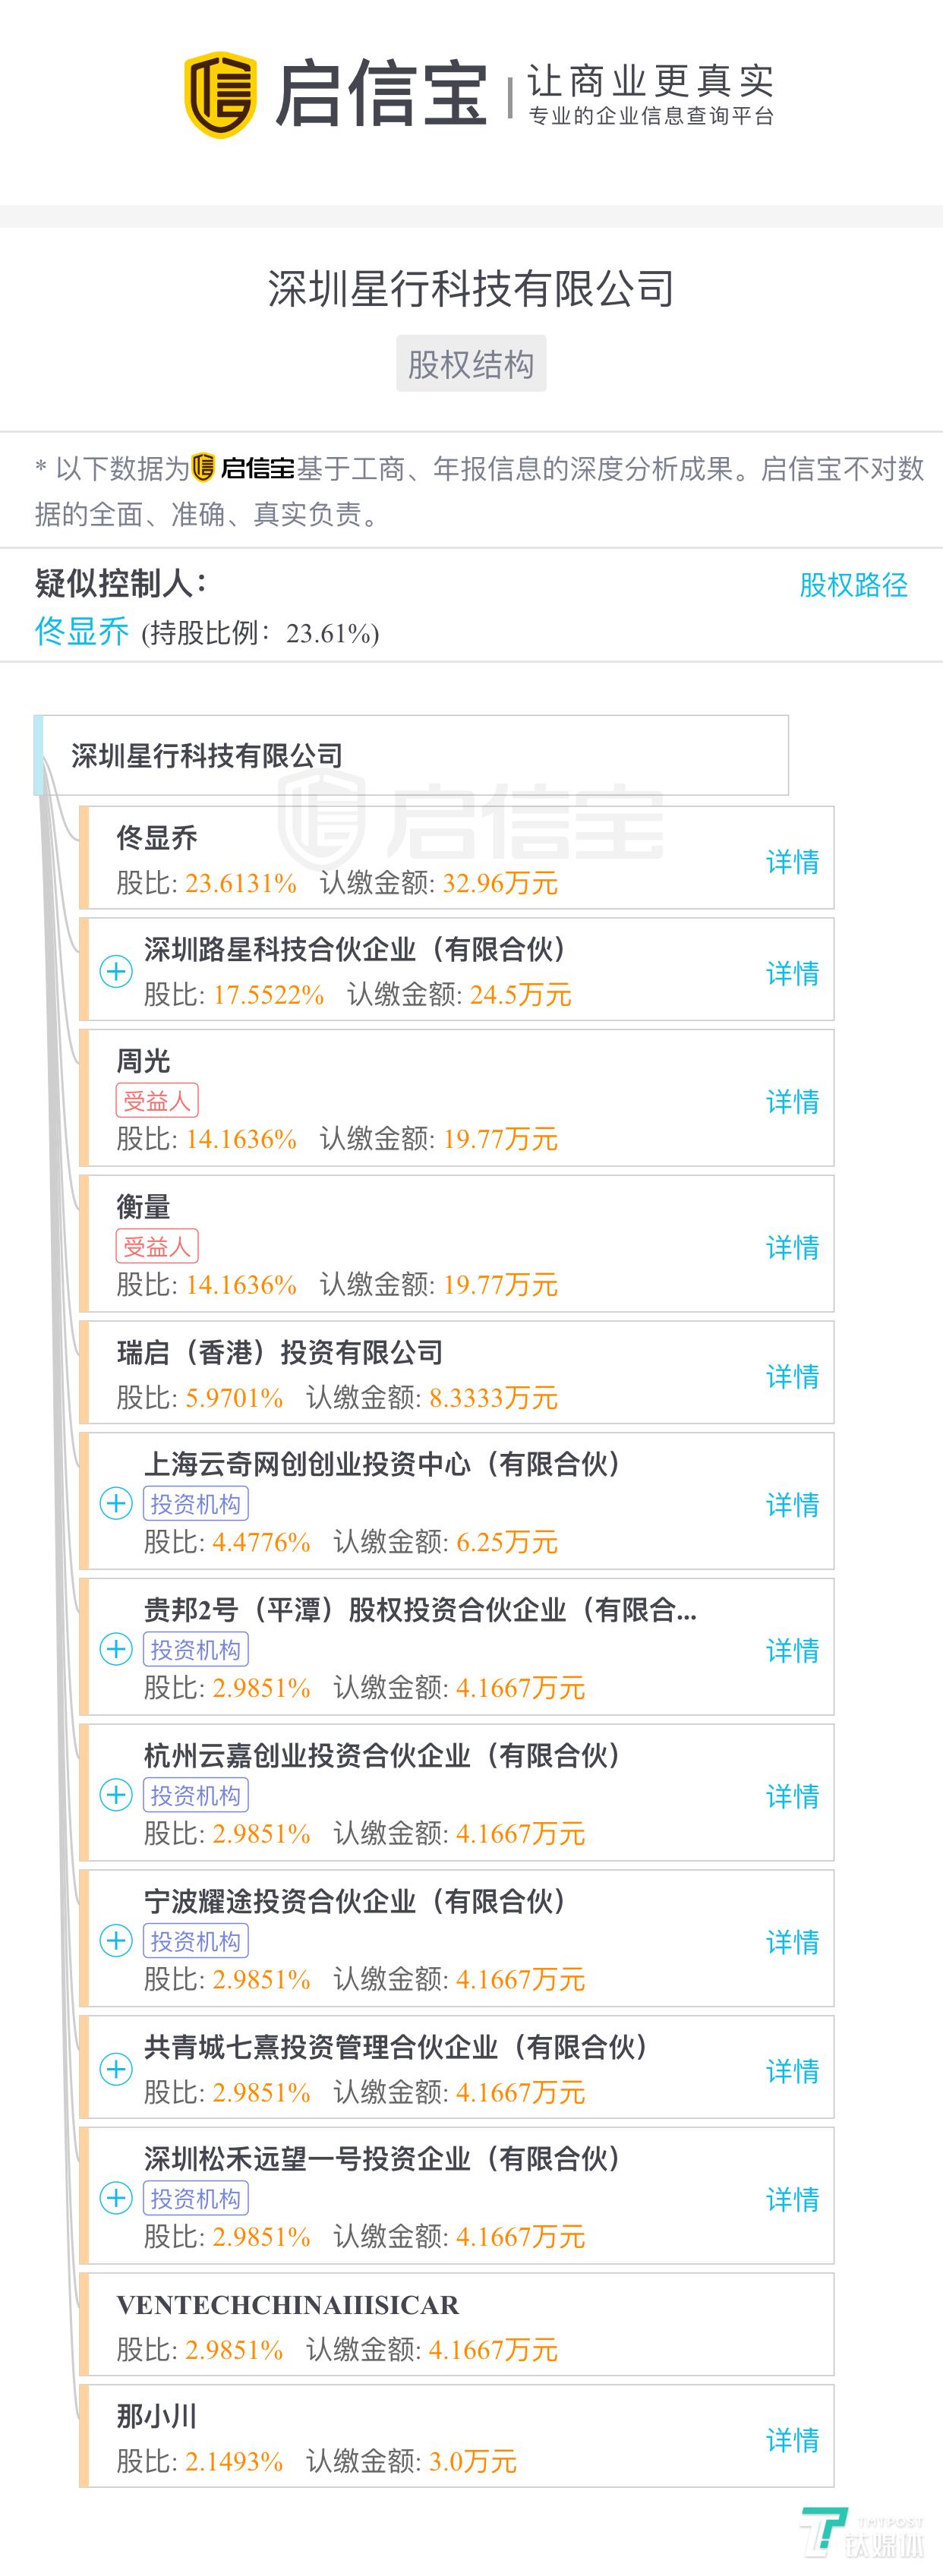 """""""星行科技""""股东持股图(来源:启信宝)"""